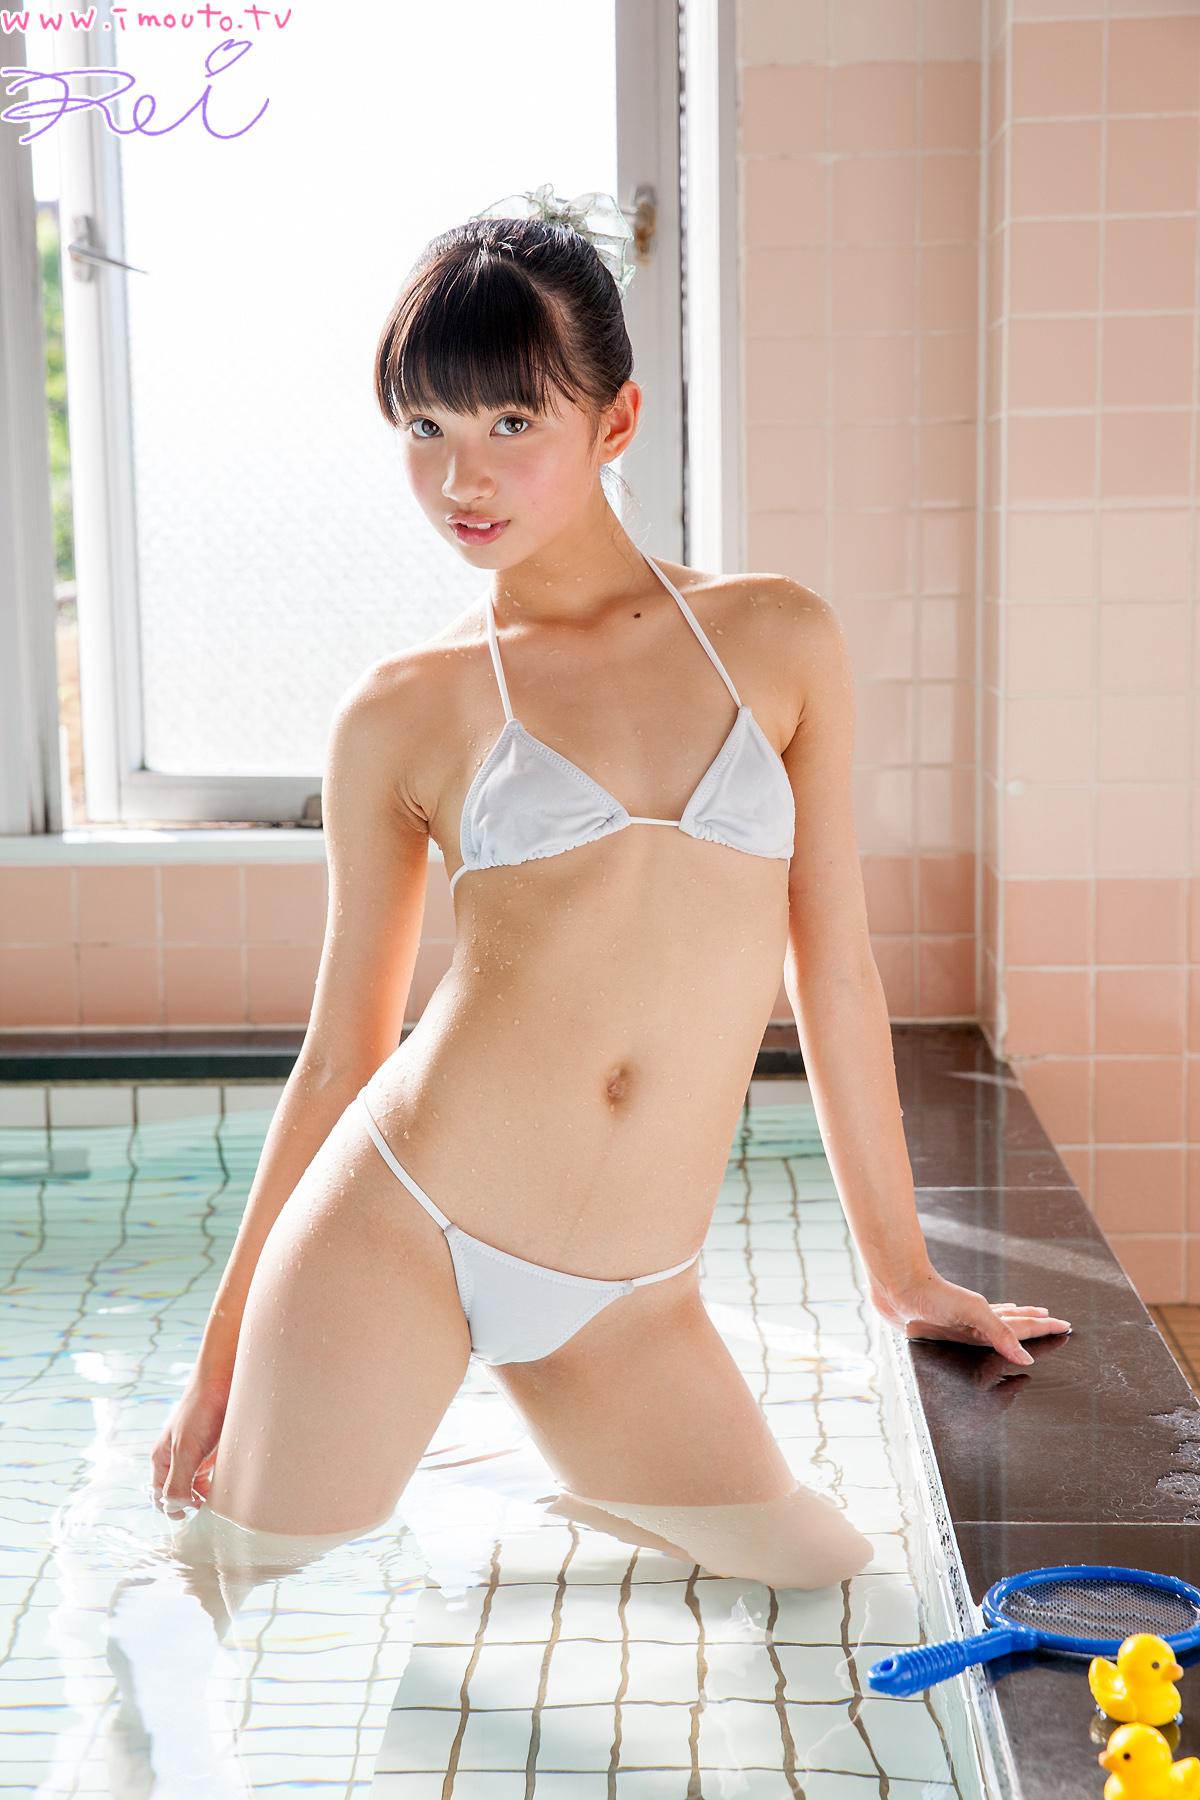 gravure promotion pictures kuromiya rei 黒宮れい